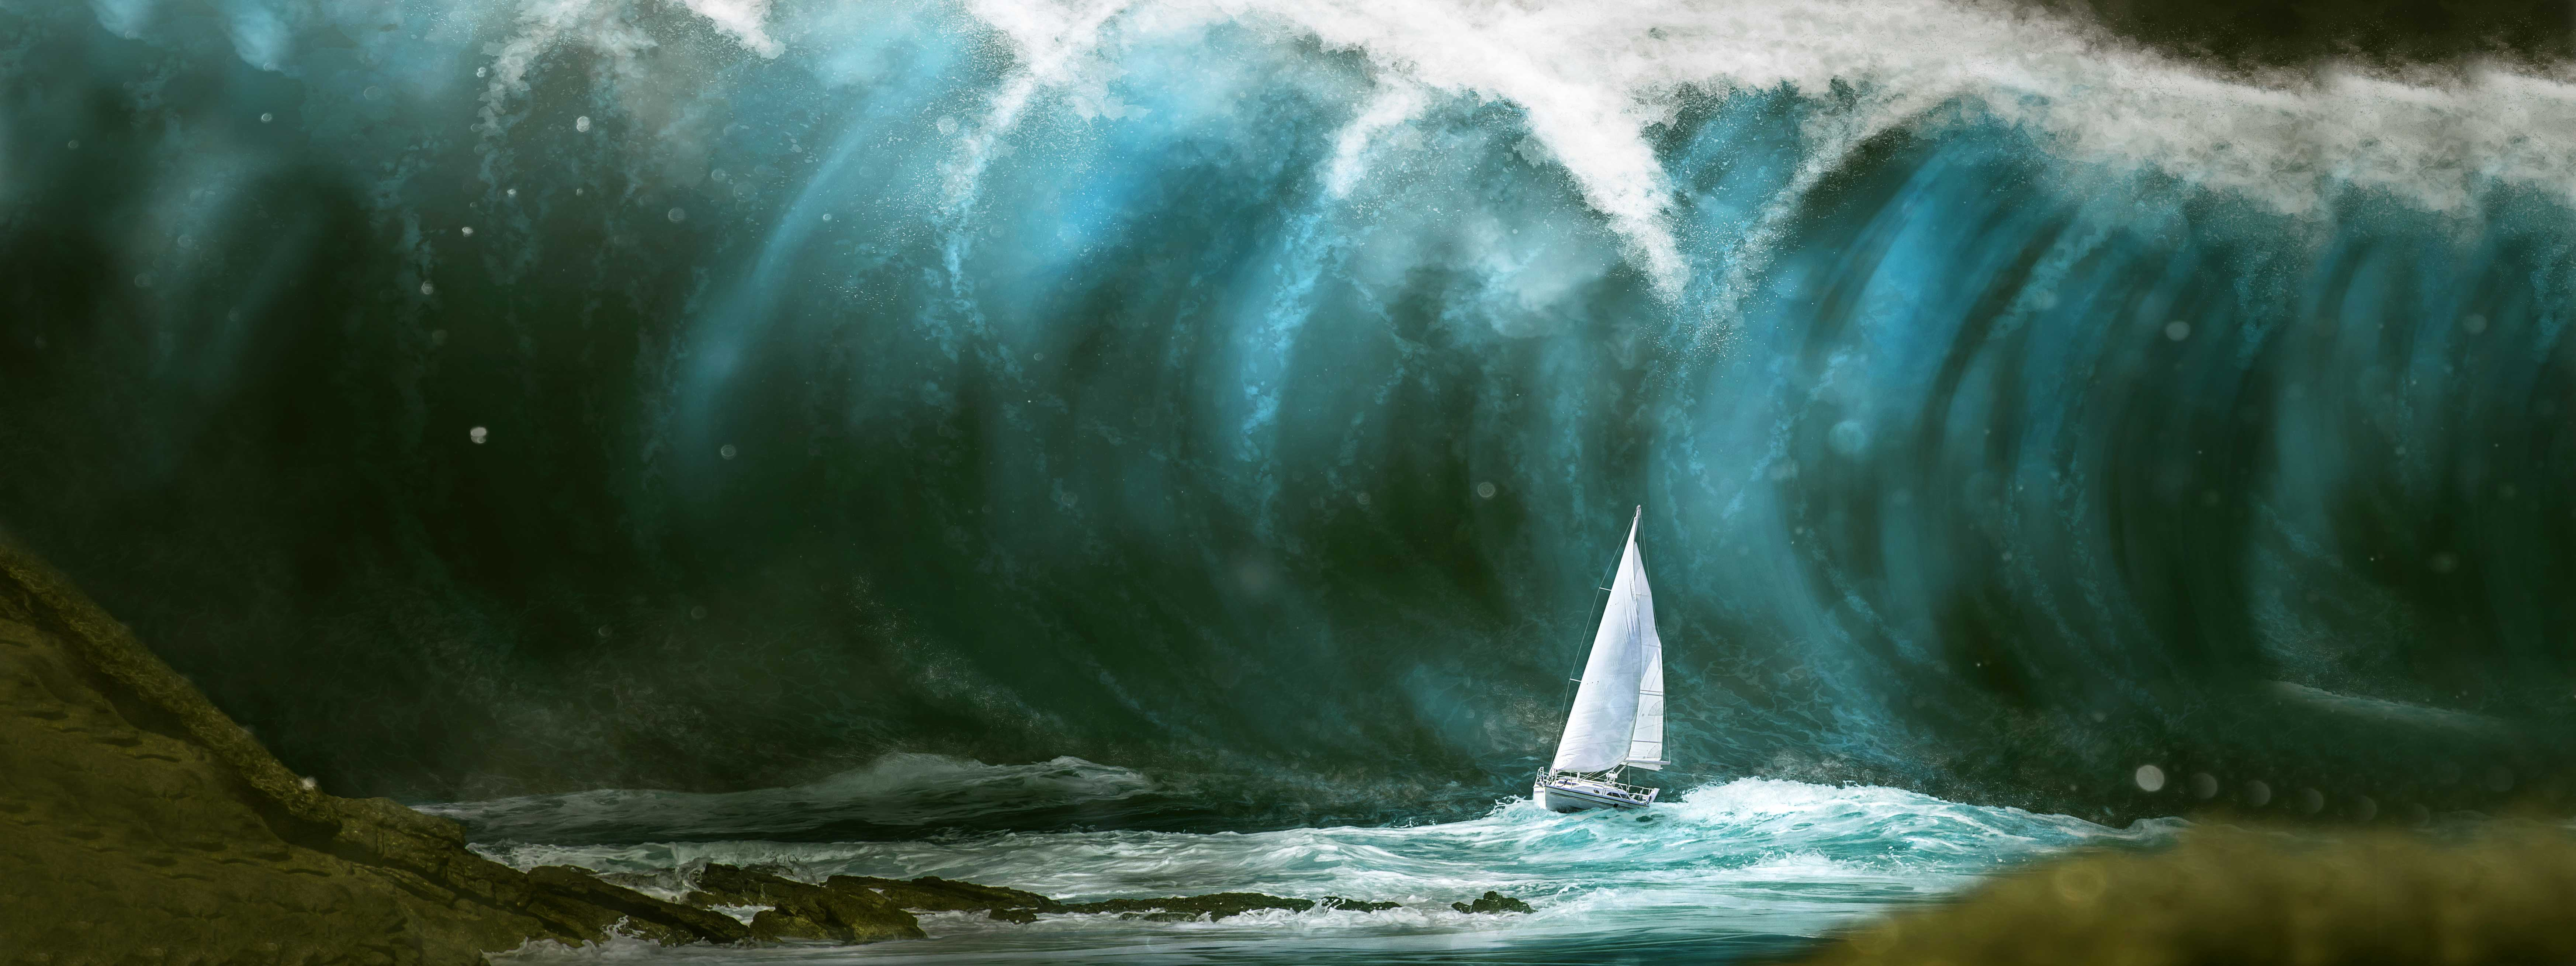 Huge Tsunami Wave Near a Yacht | Woodruff